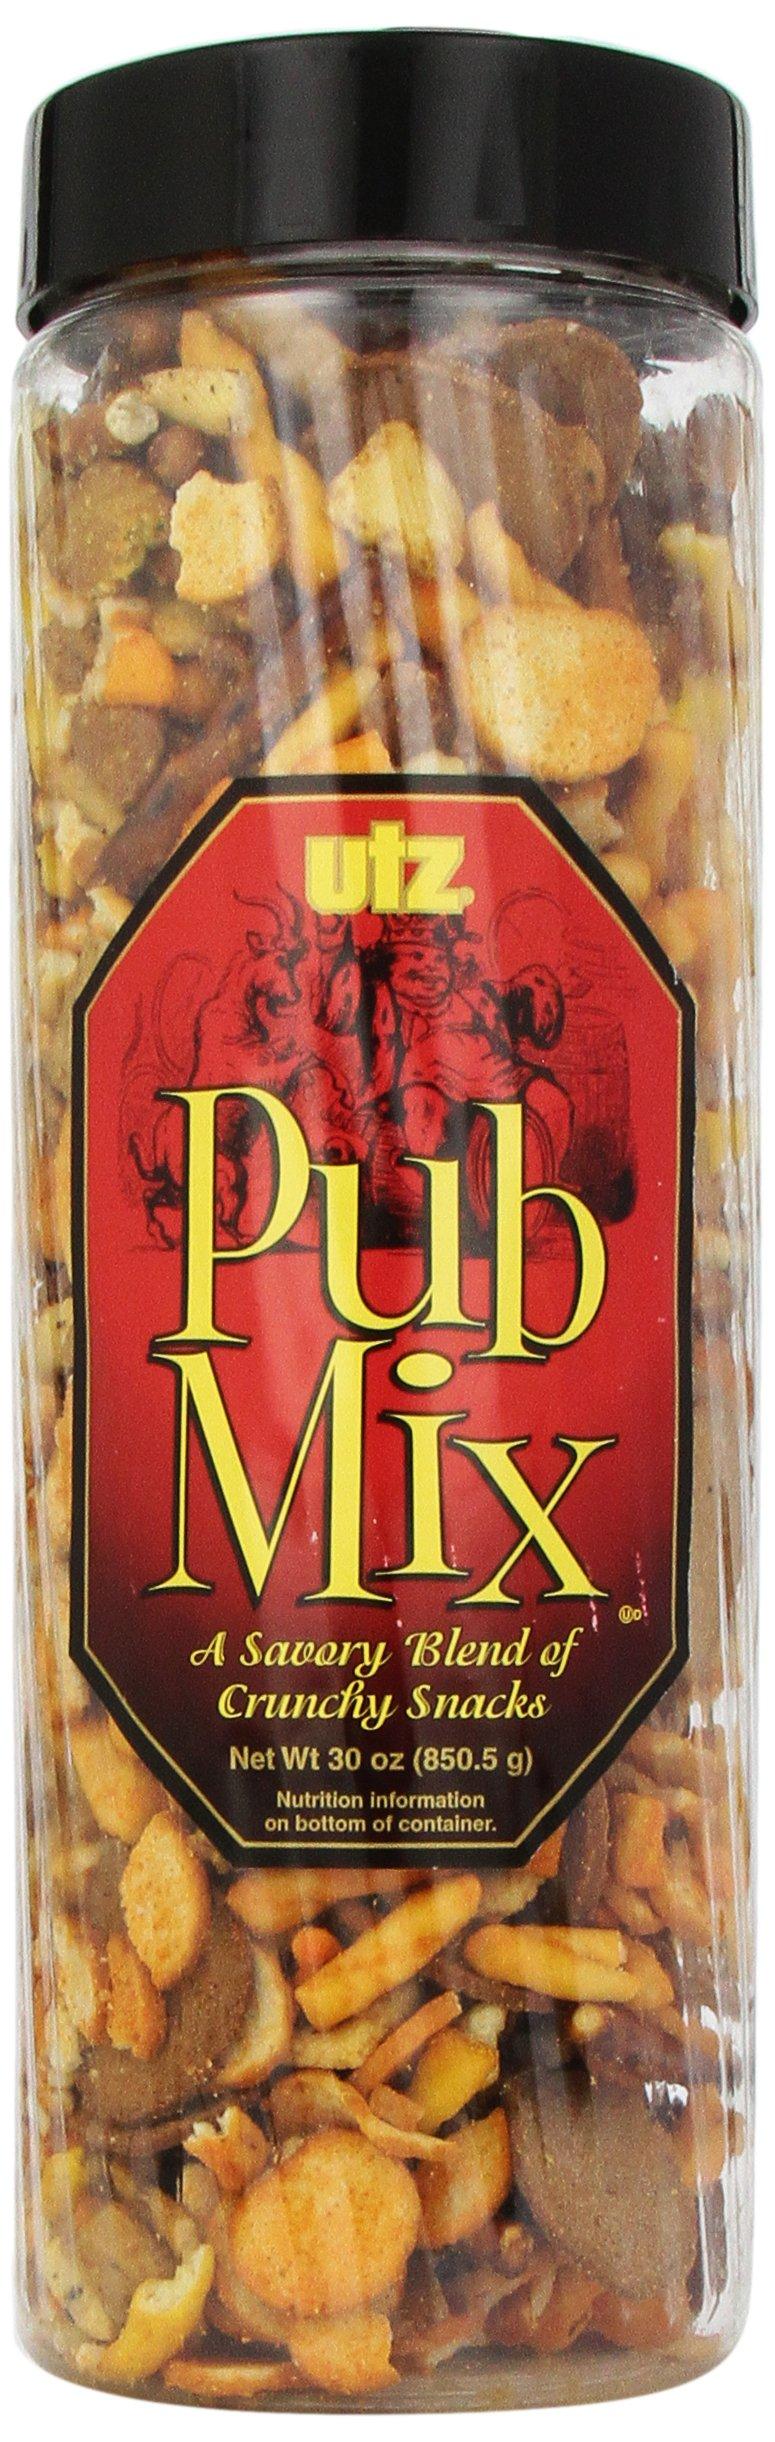 Utz Pub Mix Snacks, 30 Ounce by Utz Quality Foods, Inc.